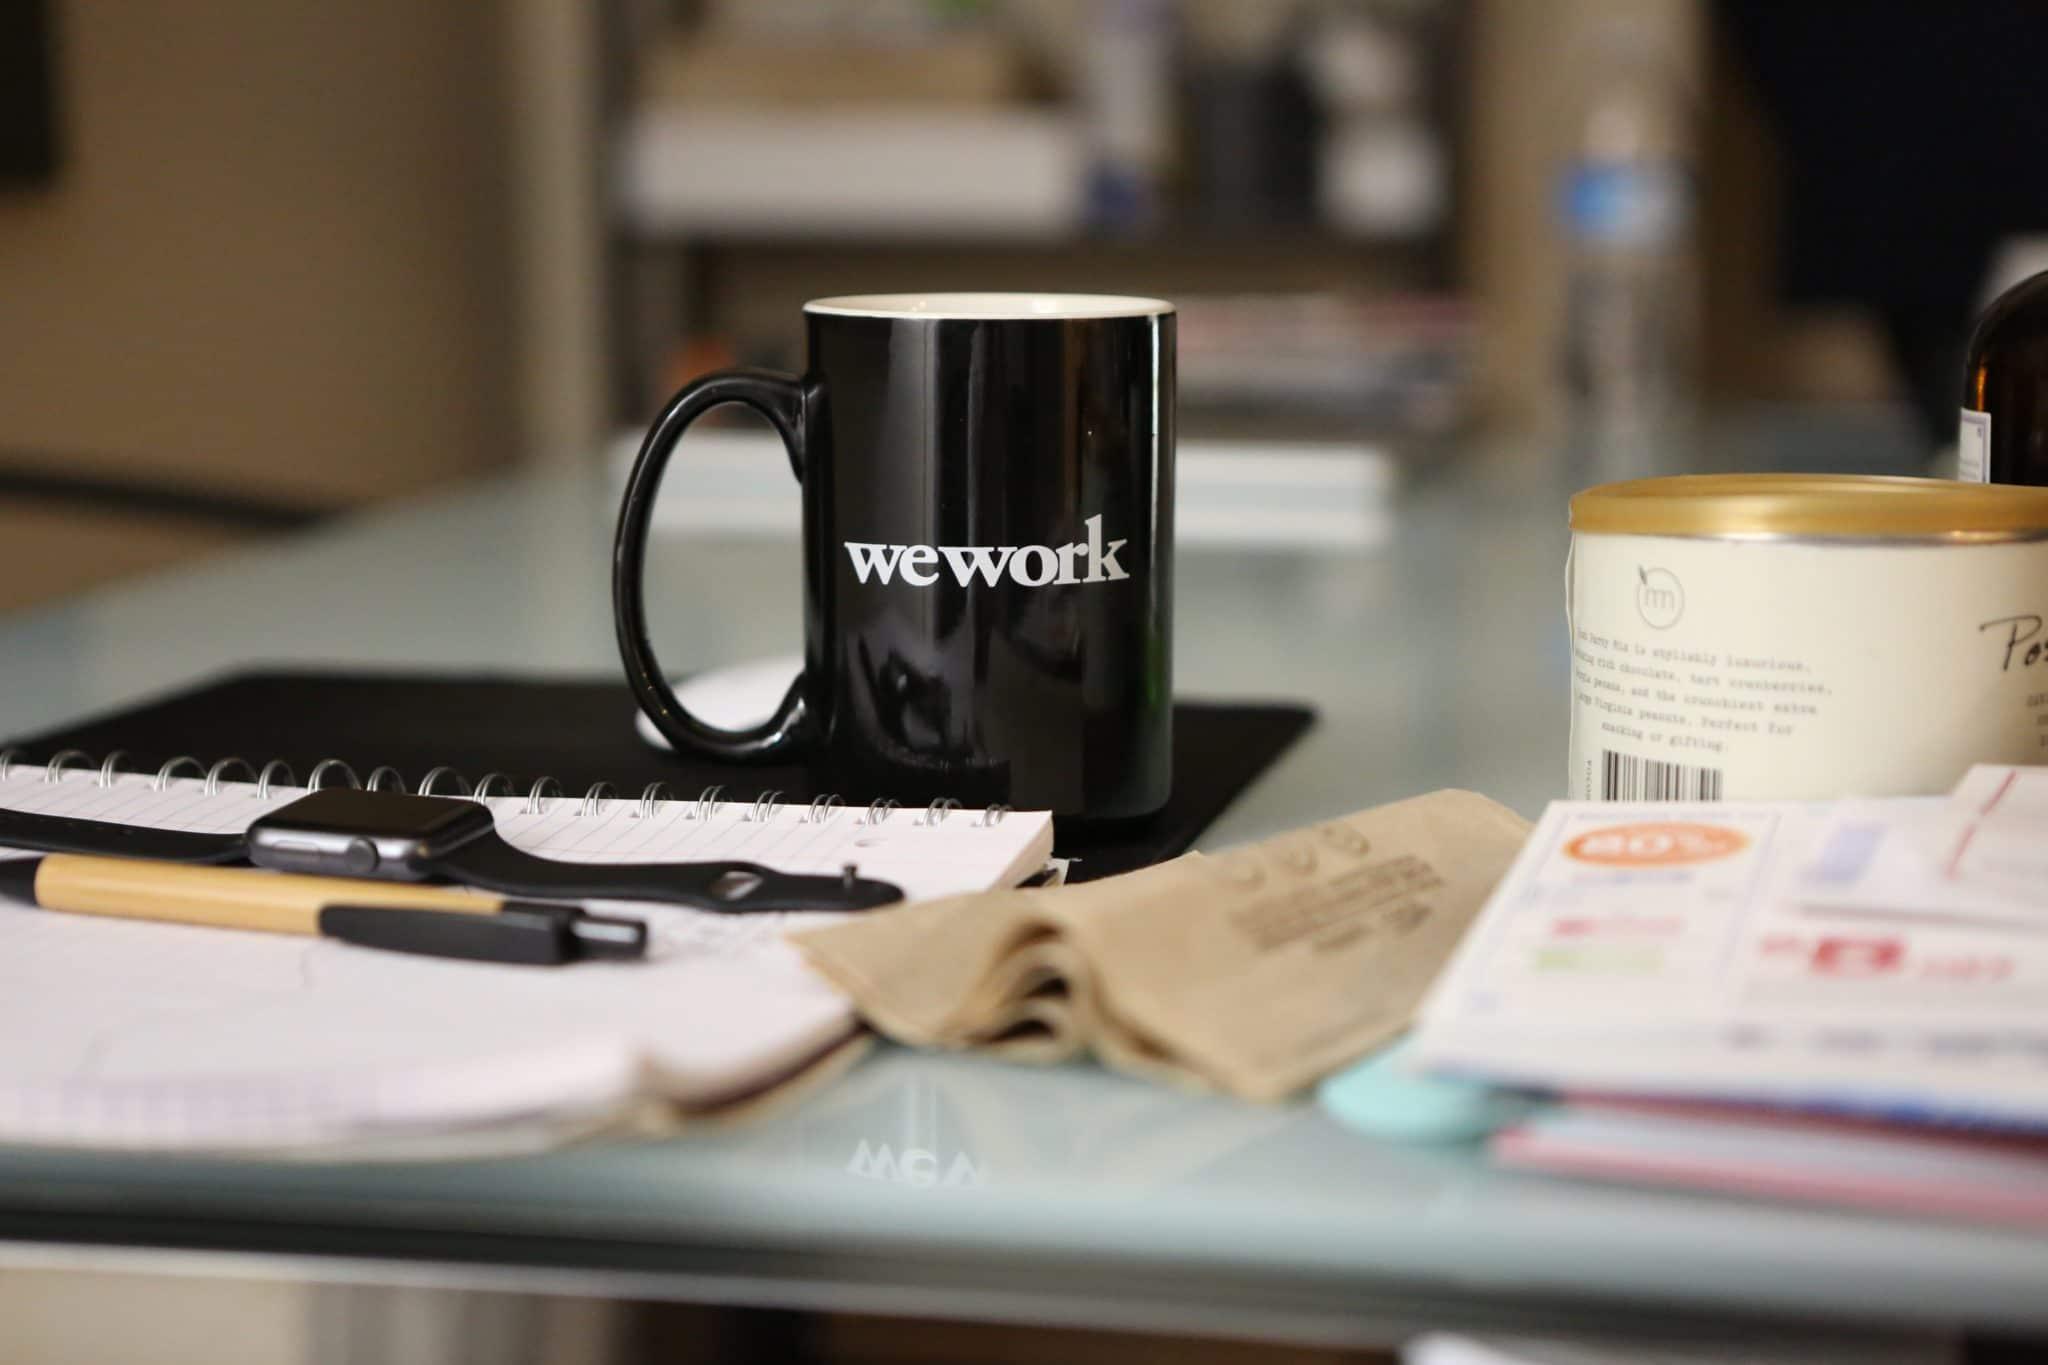 charles-koh-365298 bild på kaffekopp på arbetsplats. Vad krävs för att öka medarbetarengagemanget?